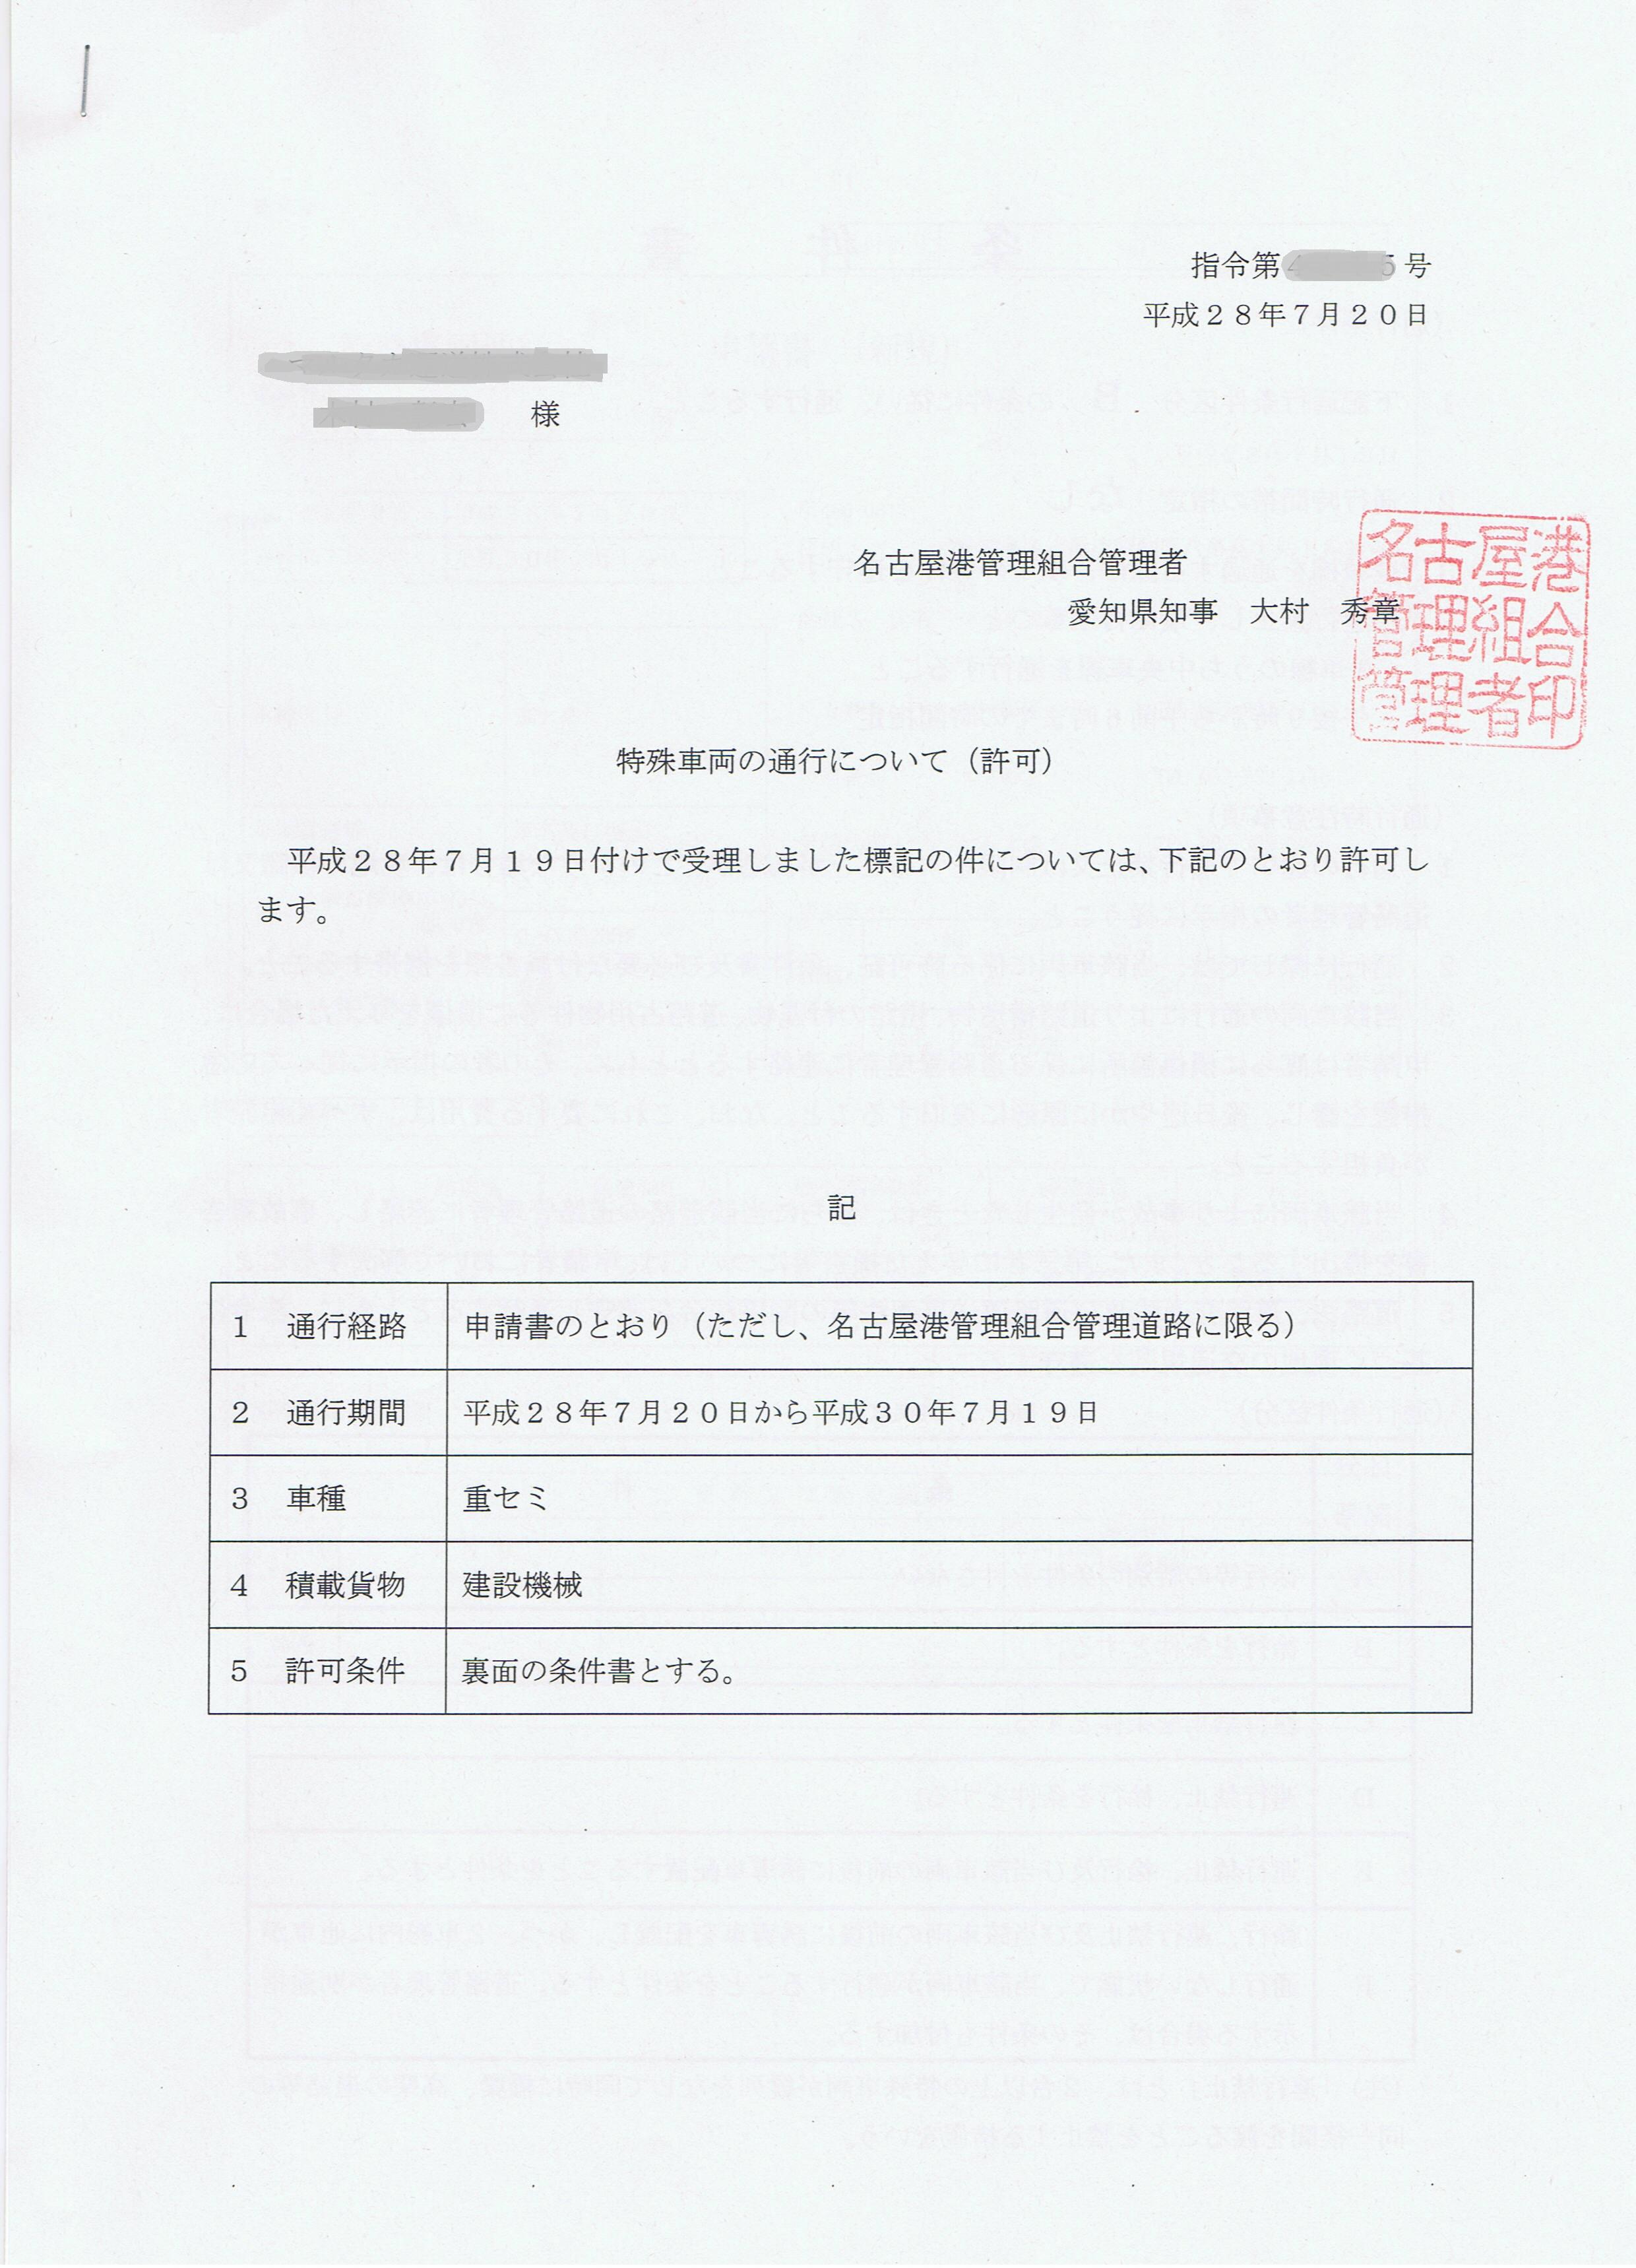 名古屋港管理組合の特殊車両通行許可証